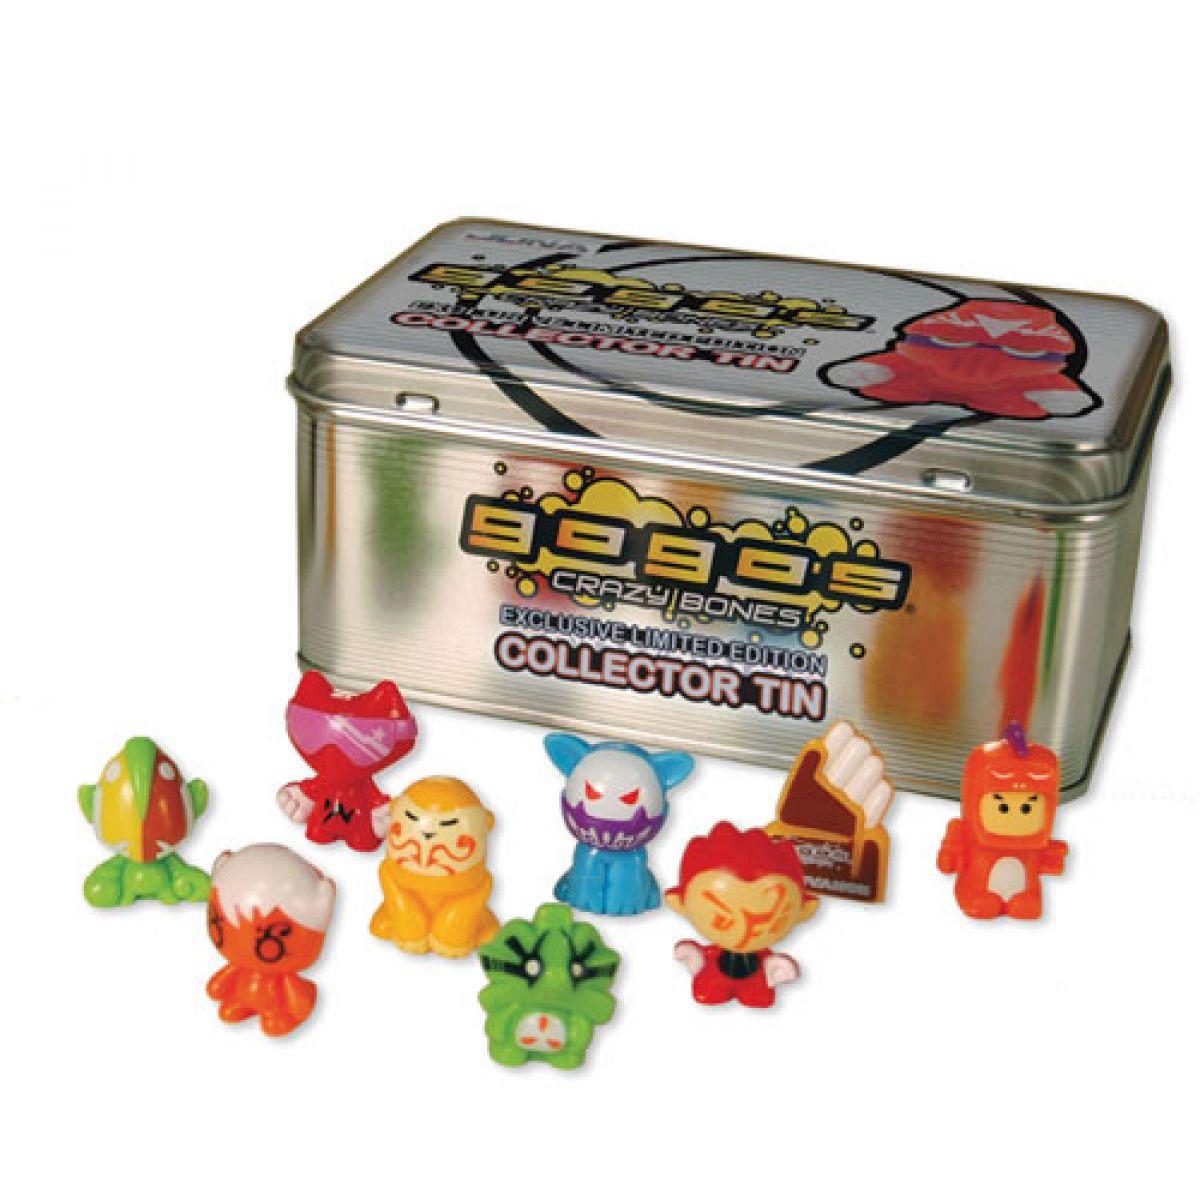 GoGo's Collectors Tin - Silver Gougouni